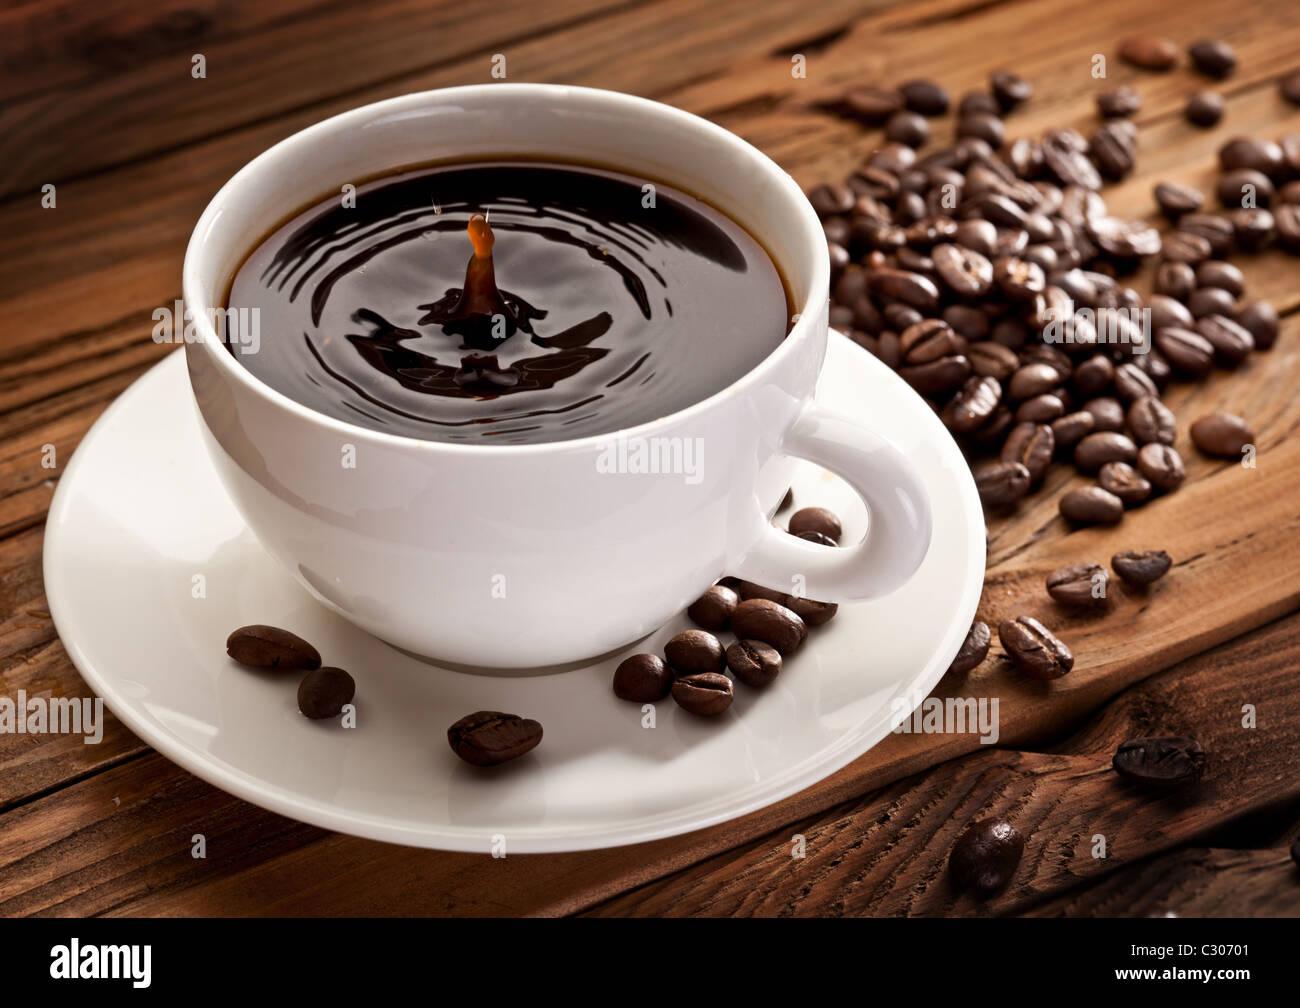 Gota caiga en una taza de café. Sobre un fondo de madera Imagen De Stock